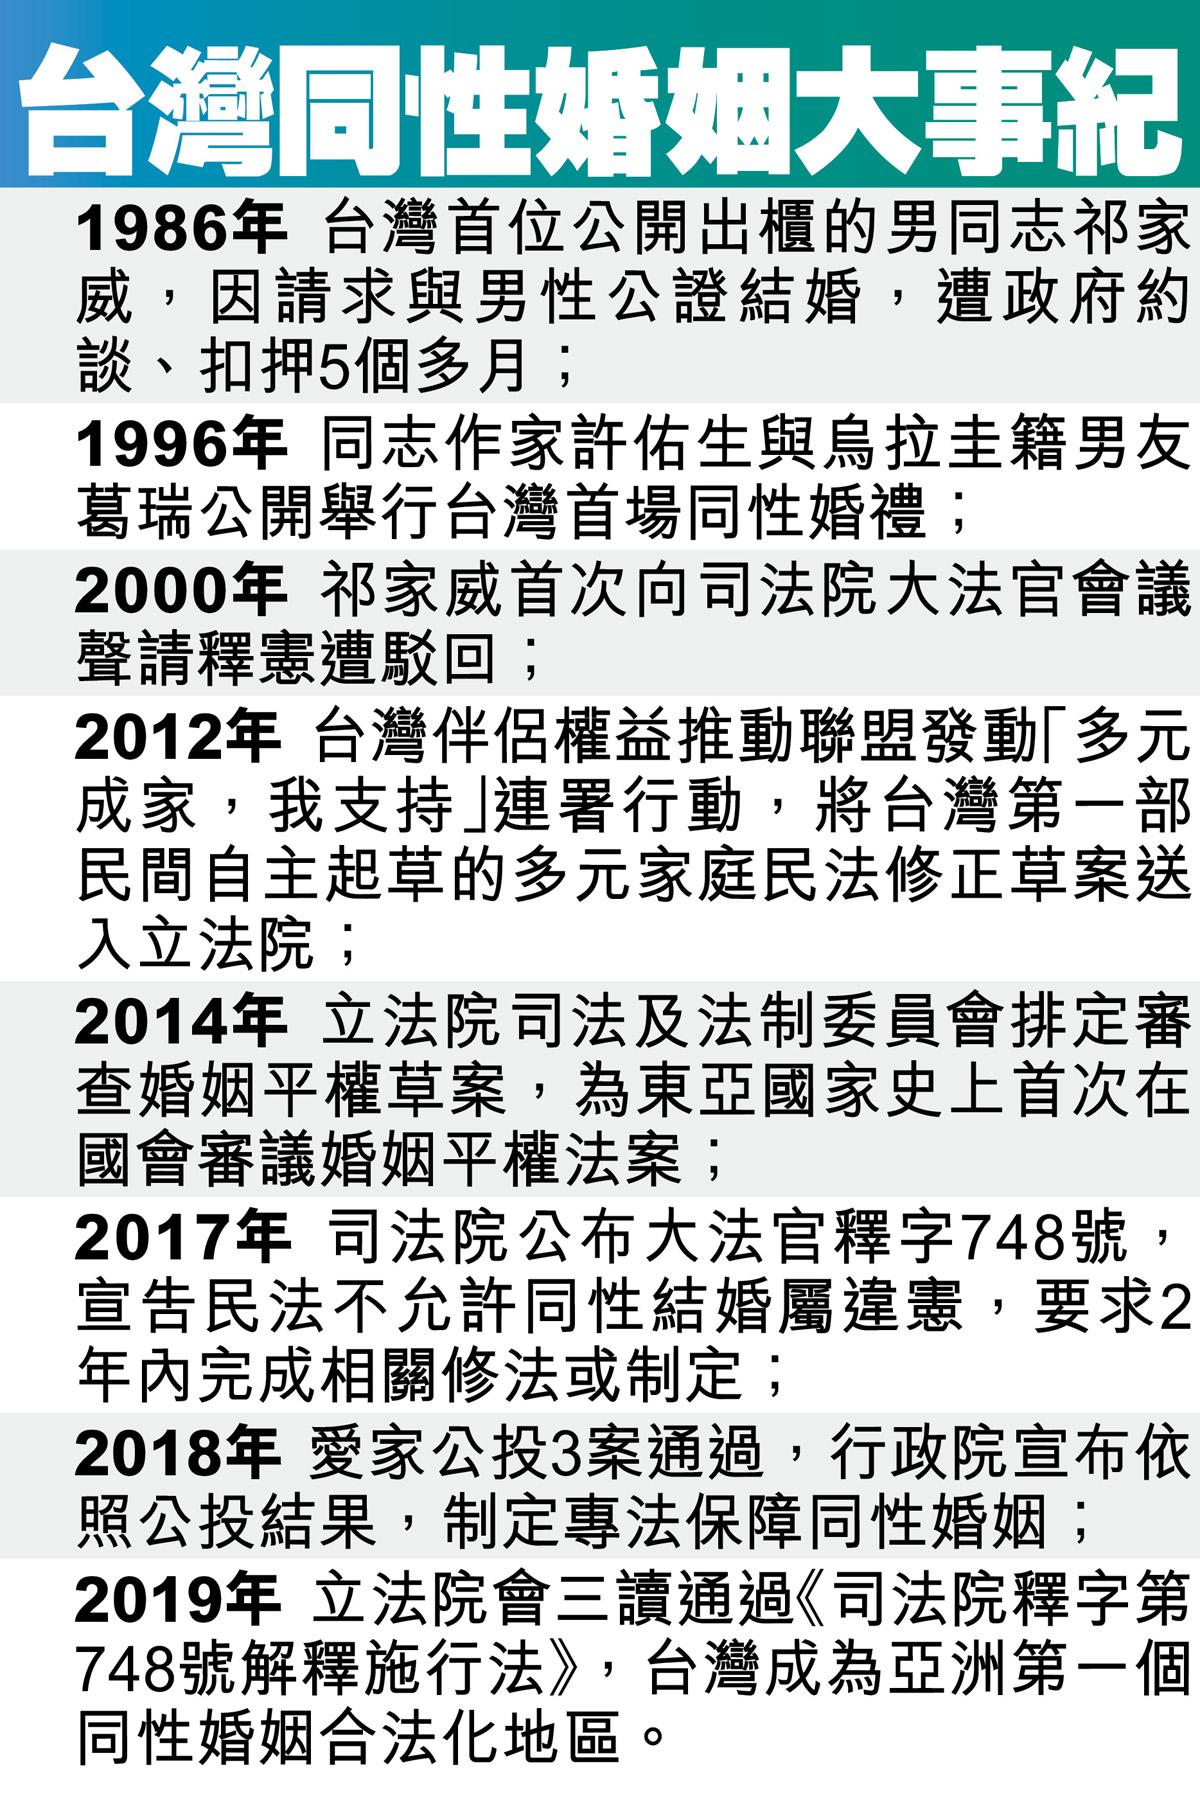 台灣同性婚姻大事紀